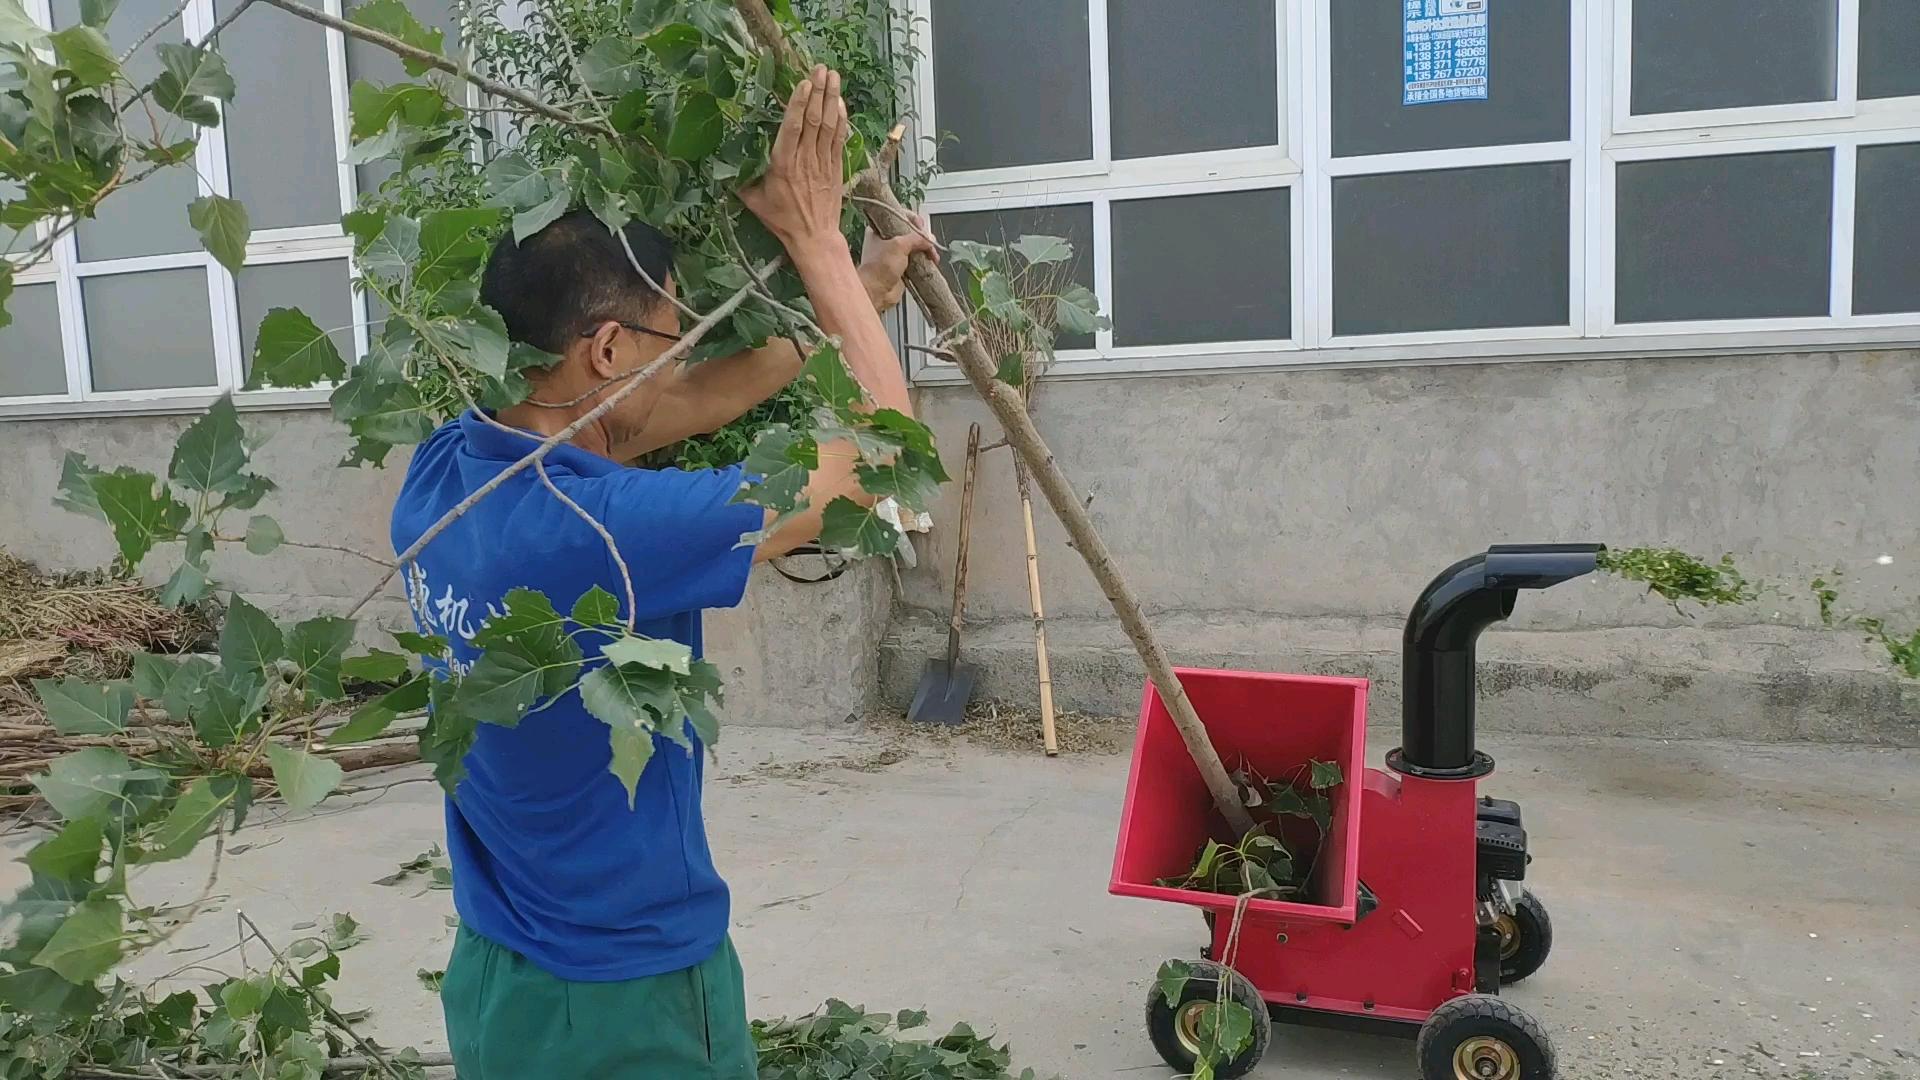 Weiwei garden wood chipper shredder branch stalk chips log crusher machine 7.5hp gasoline engine